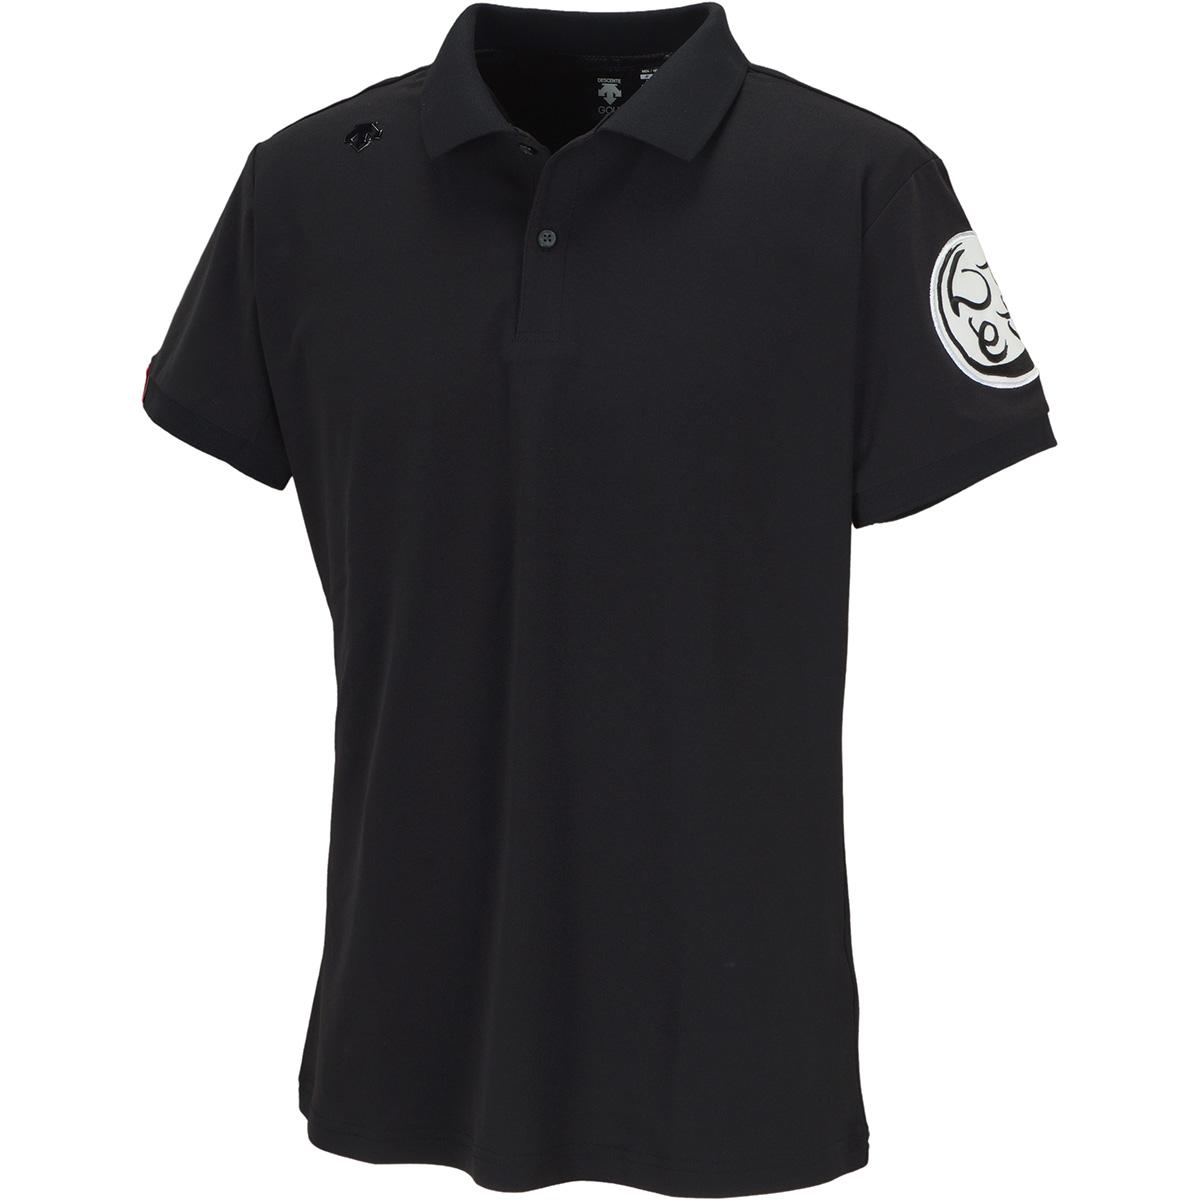 万美collection ストレッチ ソロテックス鹿の子 半袖ポロシャツ